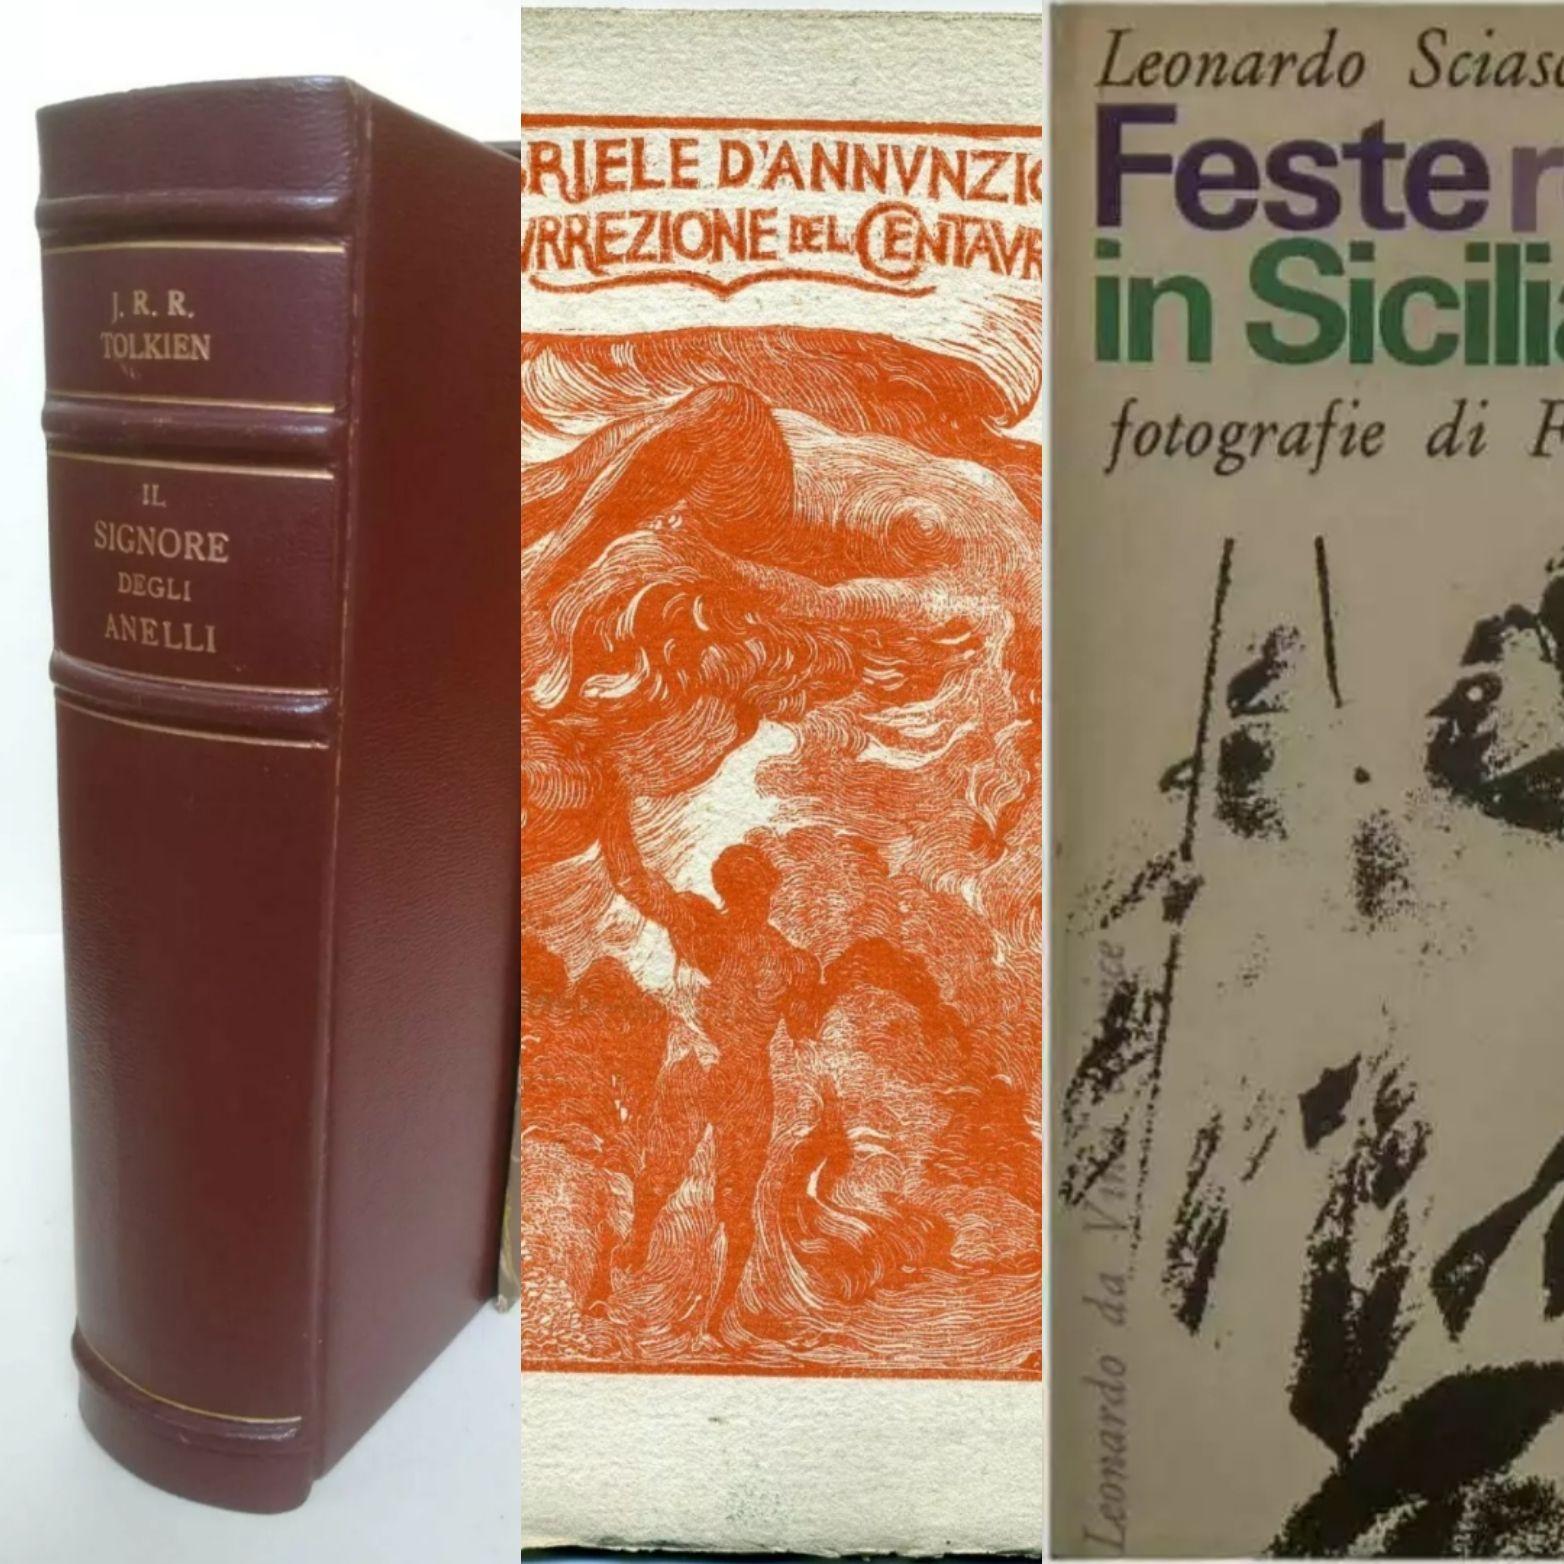 """Le 3 aste su eBay più """"calde"""" del momento: Tolkien, D'Annunzio e Leonardo Sciascia!"""